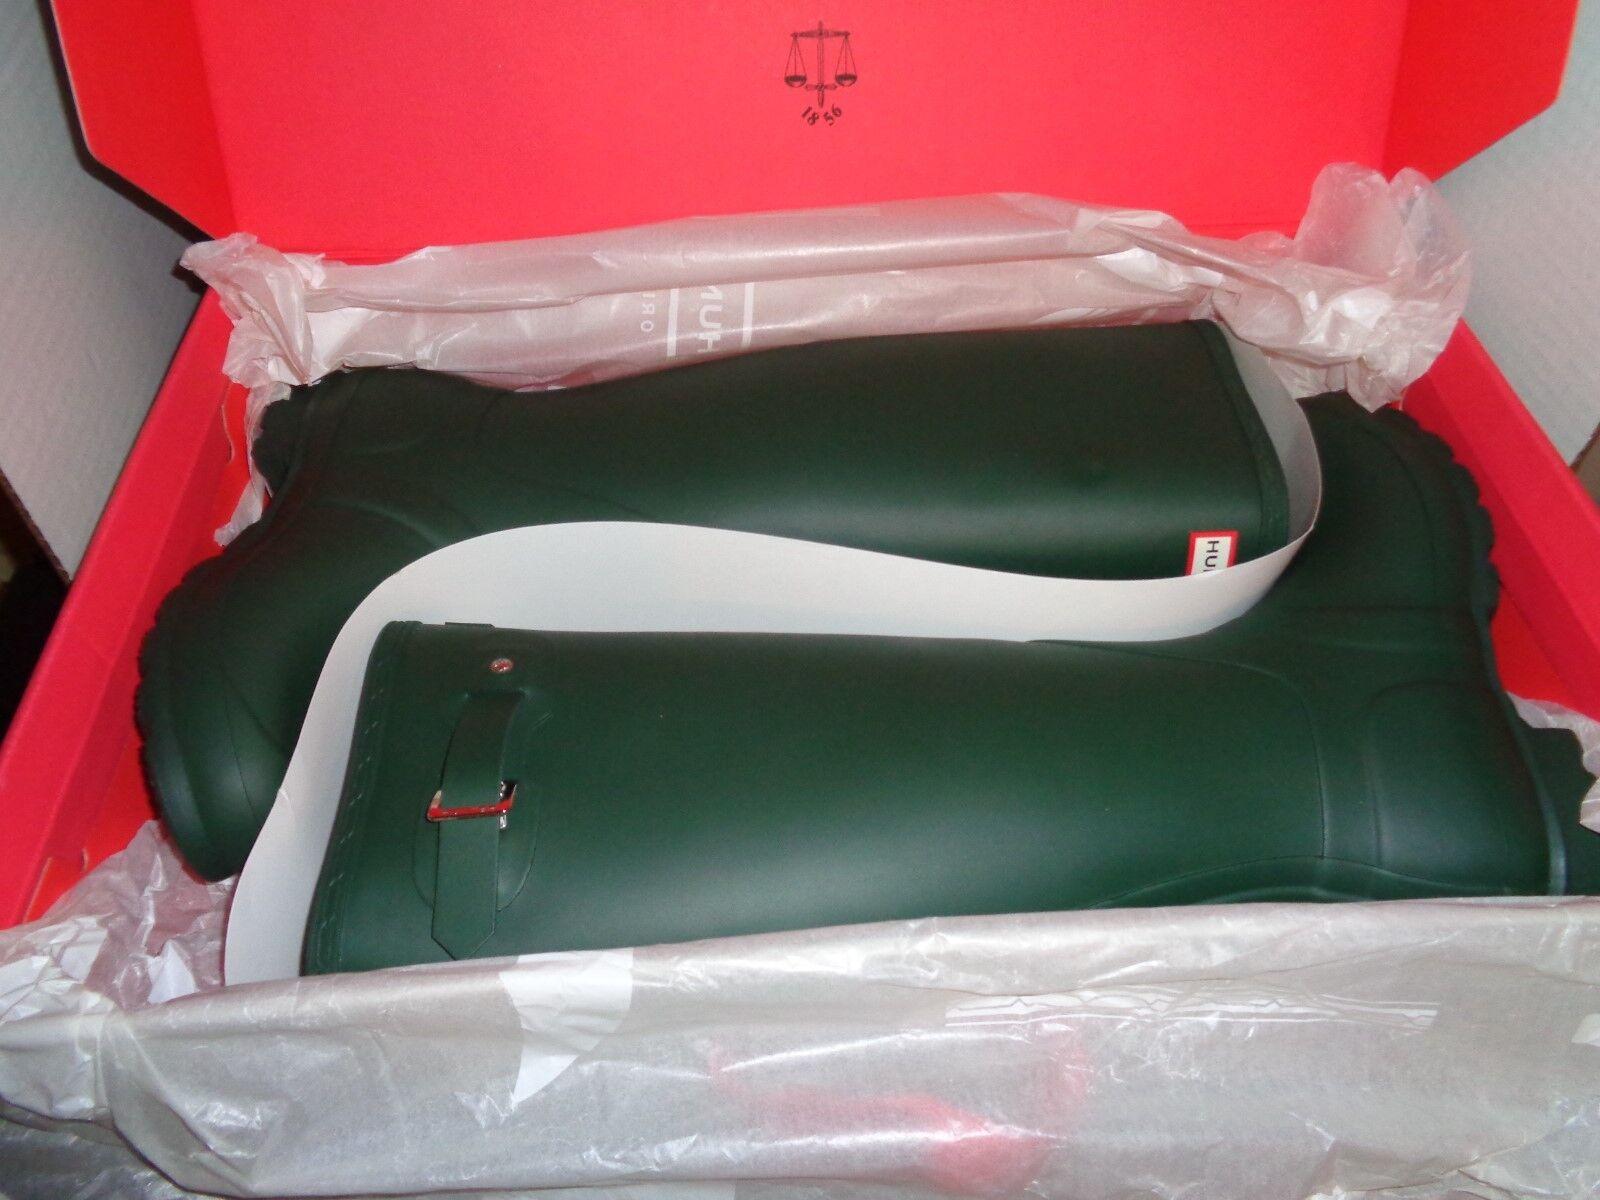 Hunter Original Tall verde oscuro Zapatos botas De Lluvia Lluvia Lluvia Talla 8 de EE. UU.  alta calidad y envío rápido